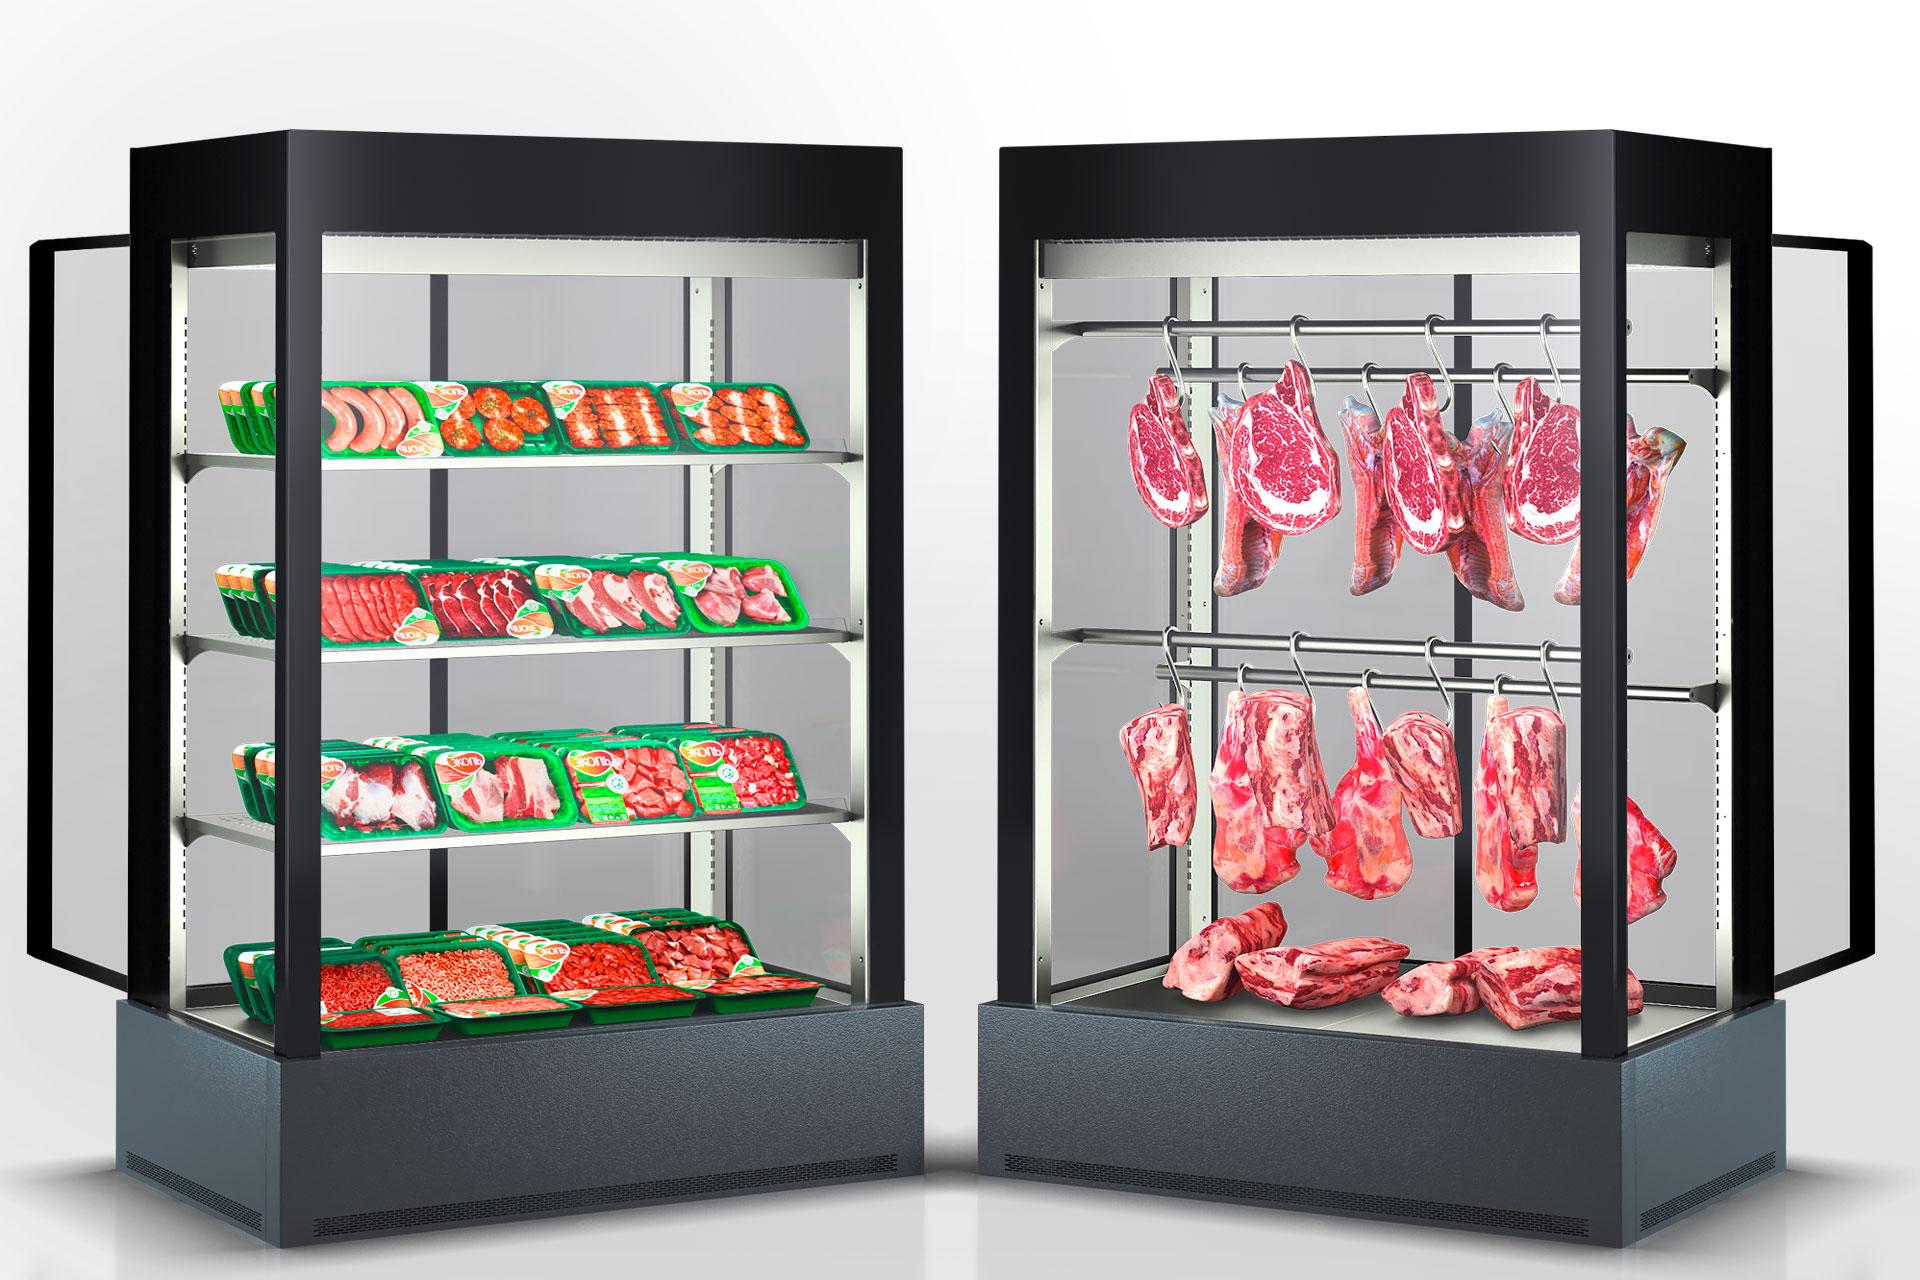 Refrigerated cabinet Arkansas VA 078